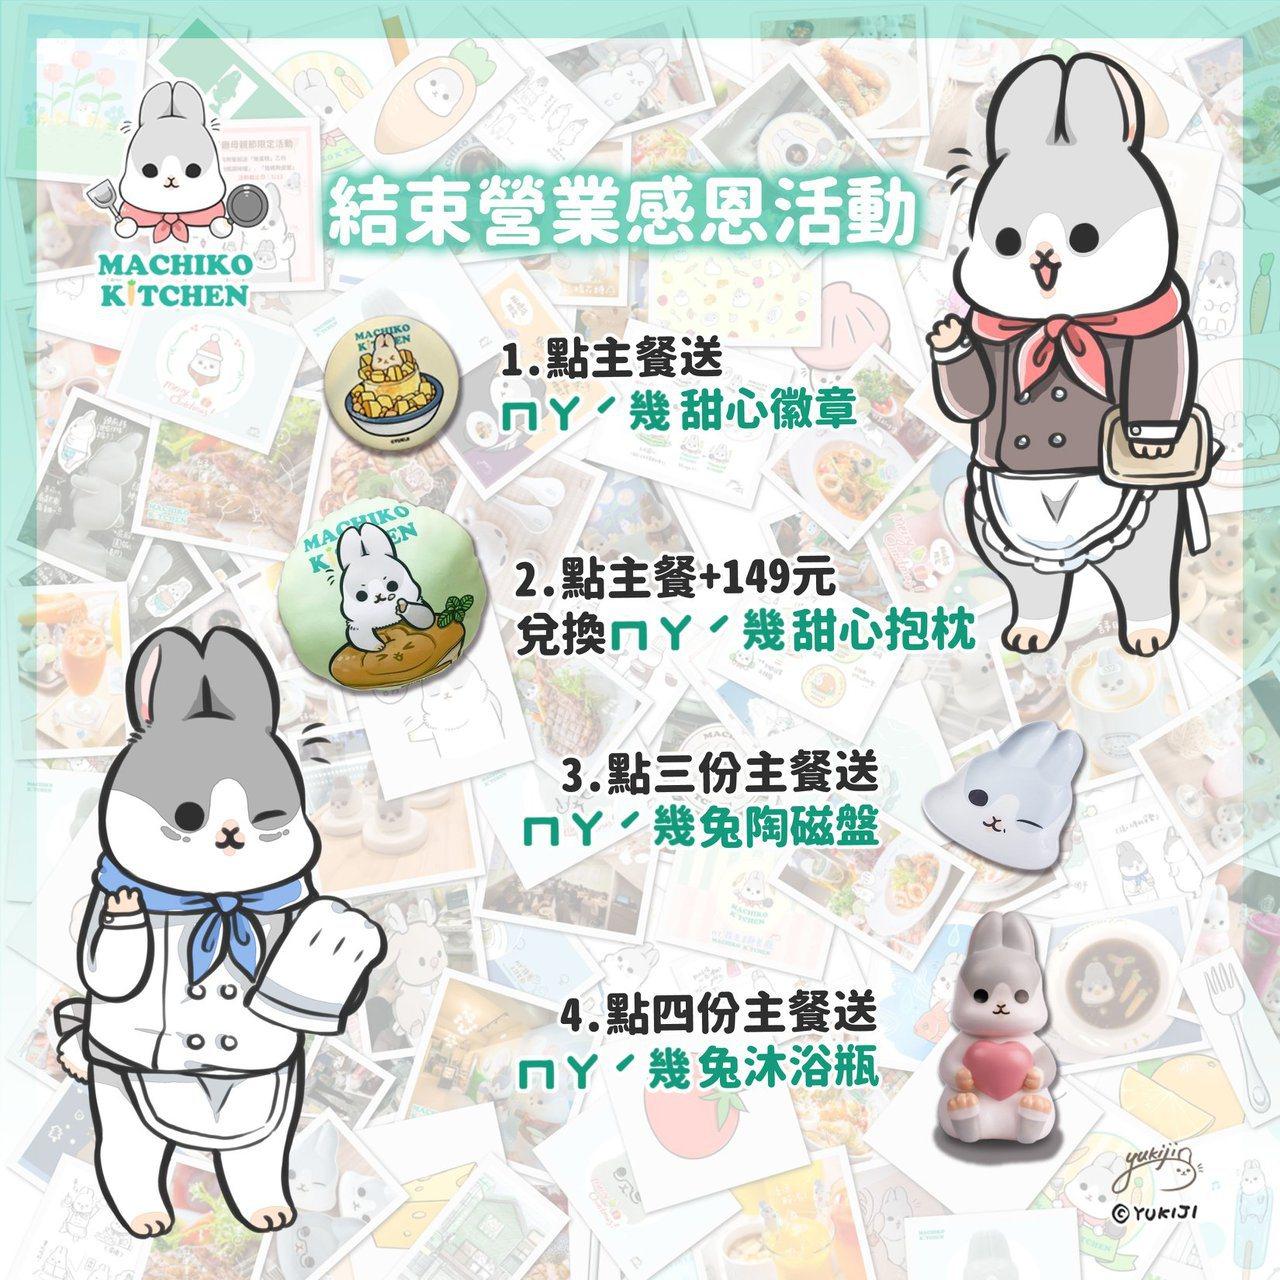 ㄇㄚˊ幾兔主題餐廳板橋店只營業到11月20日。圖/摘自ㄇㄚˊ幾兔主題餐廳粉絲專頁